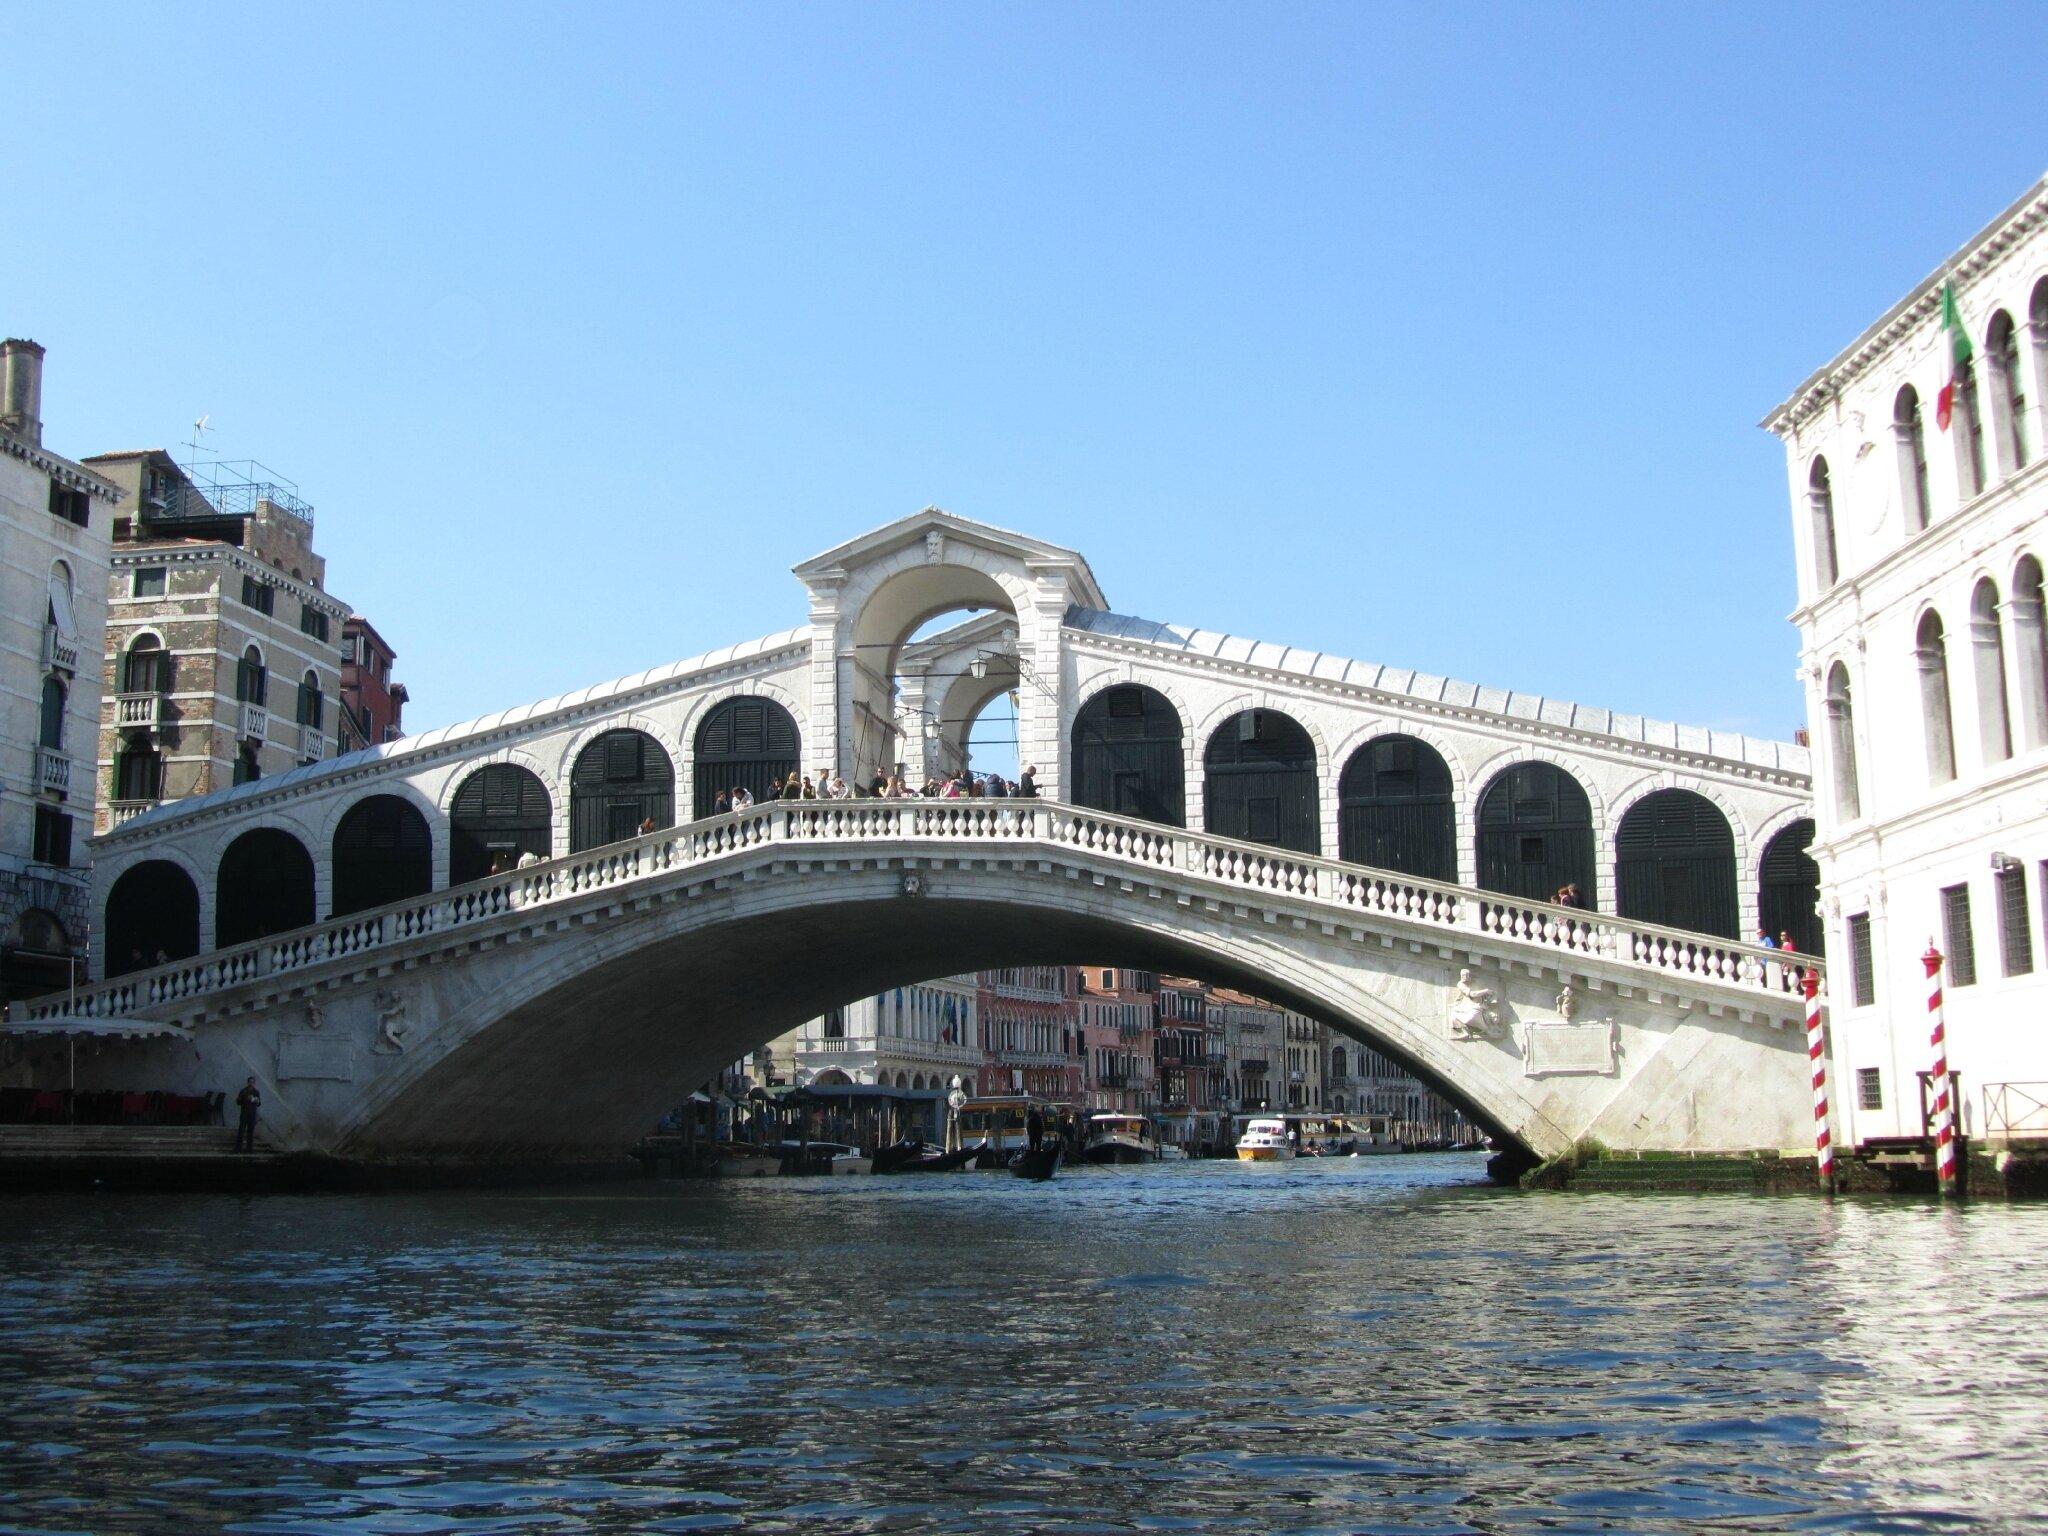 Venise, c'est aussi...